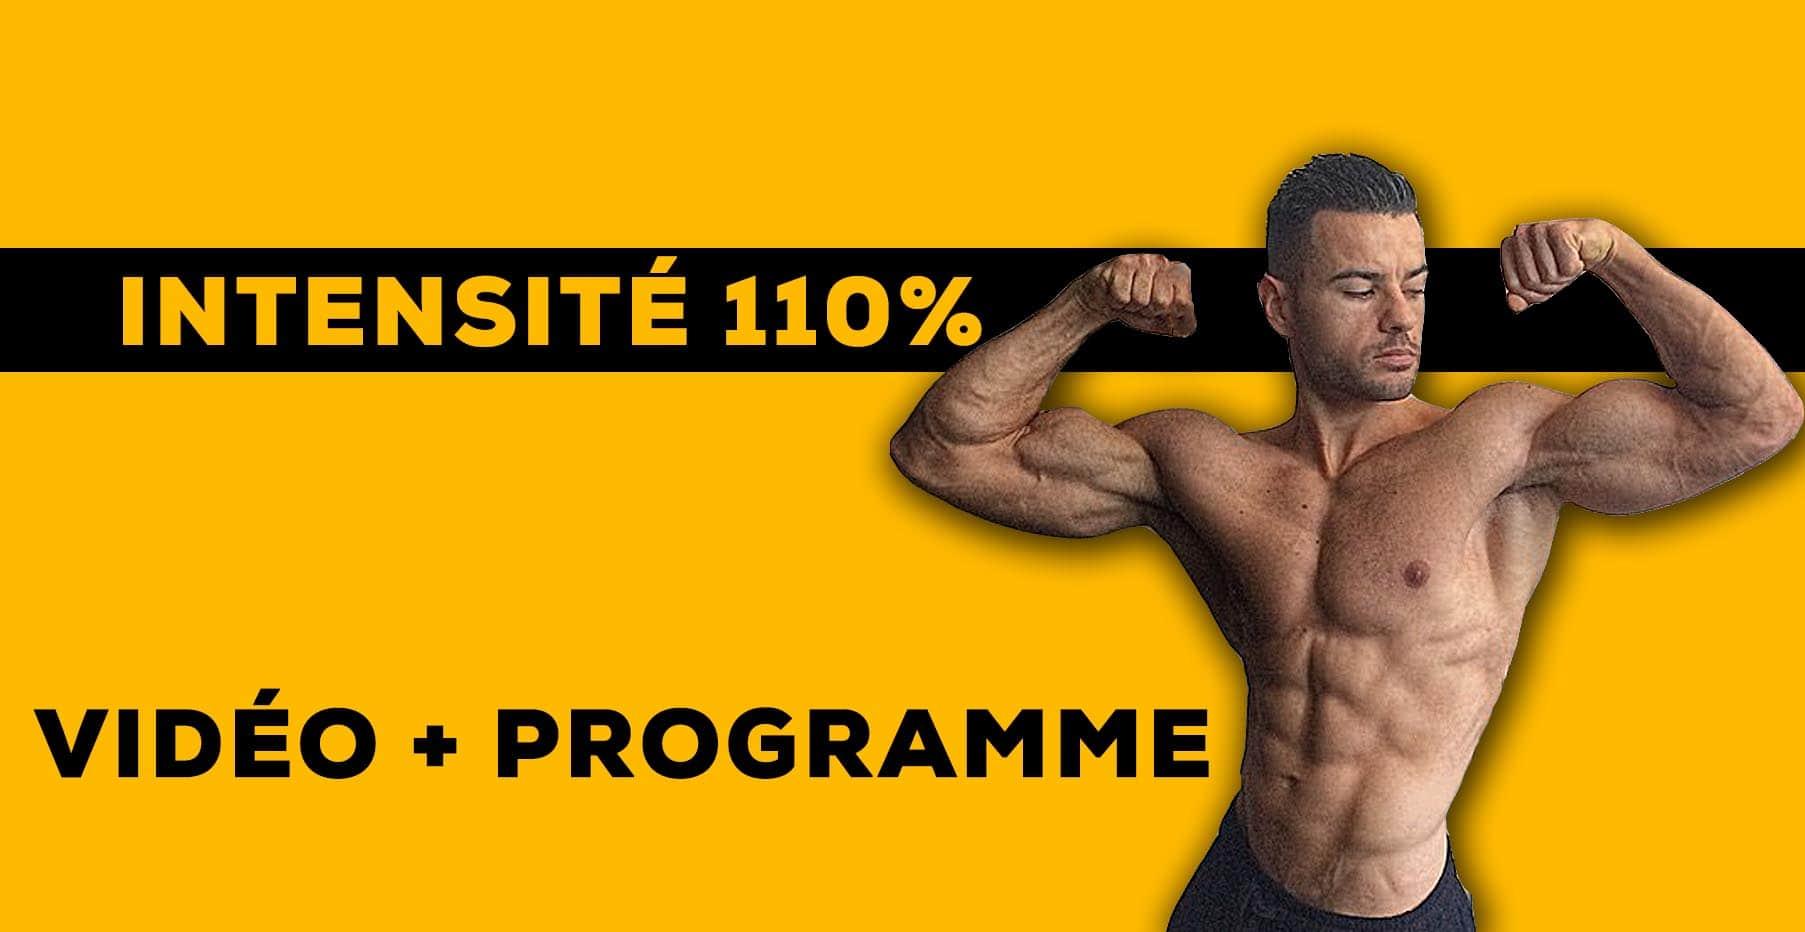 ?Programme Intensité 110% : Mes entrainements de musculation très intense